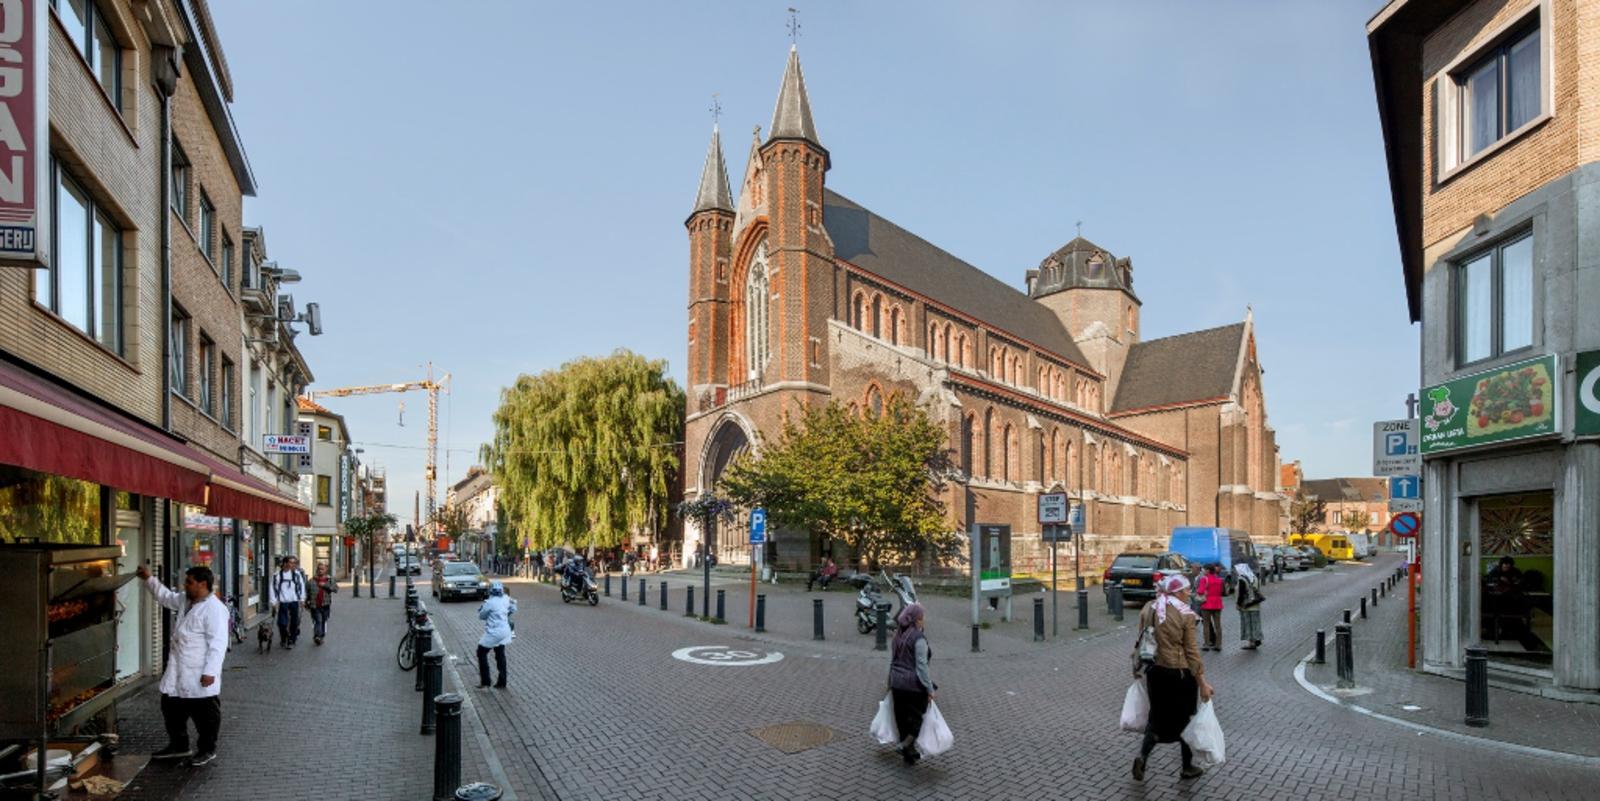 Ghent St Jozef Church